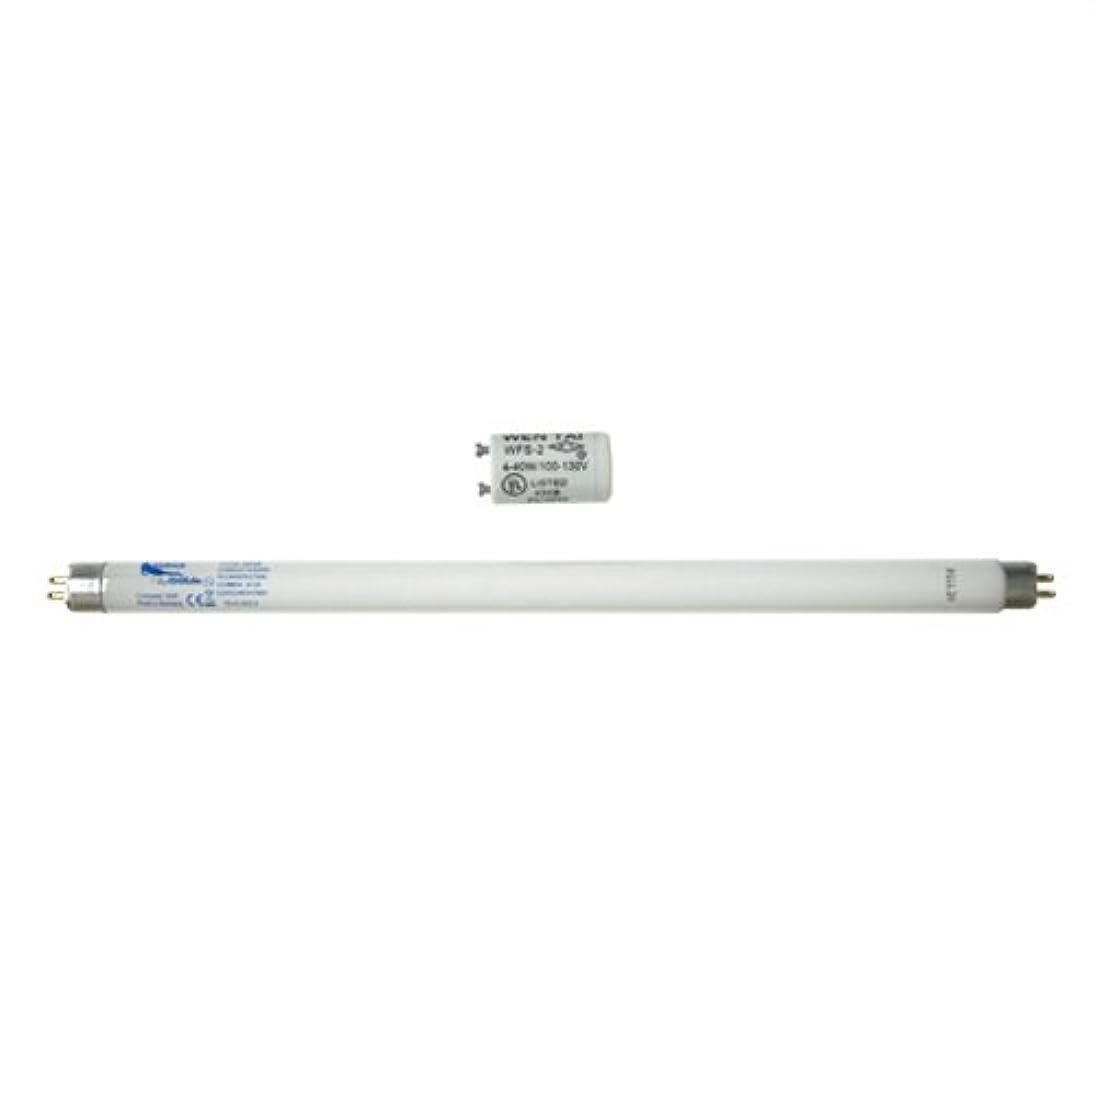 把握ソブリケット使用法家庭用日焼けマシン ネオタン用 交換用消耗品セット (UVランプ?チューブ(蛍光管)*1本(15W?29cm)、S2グロースターター*1個(S-2タイプ)